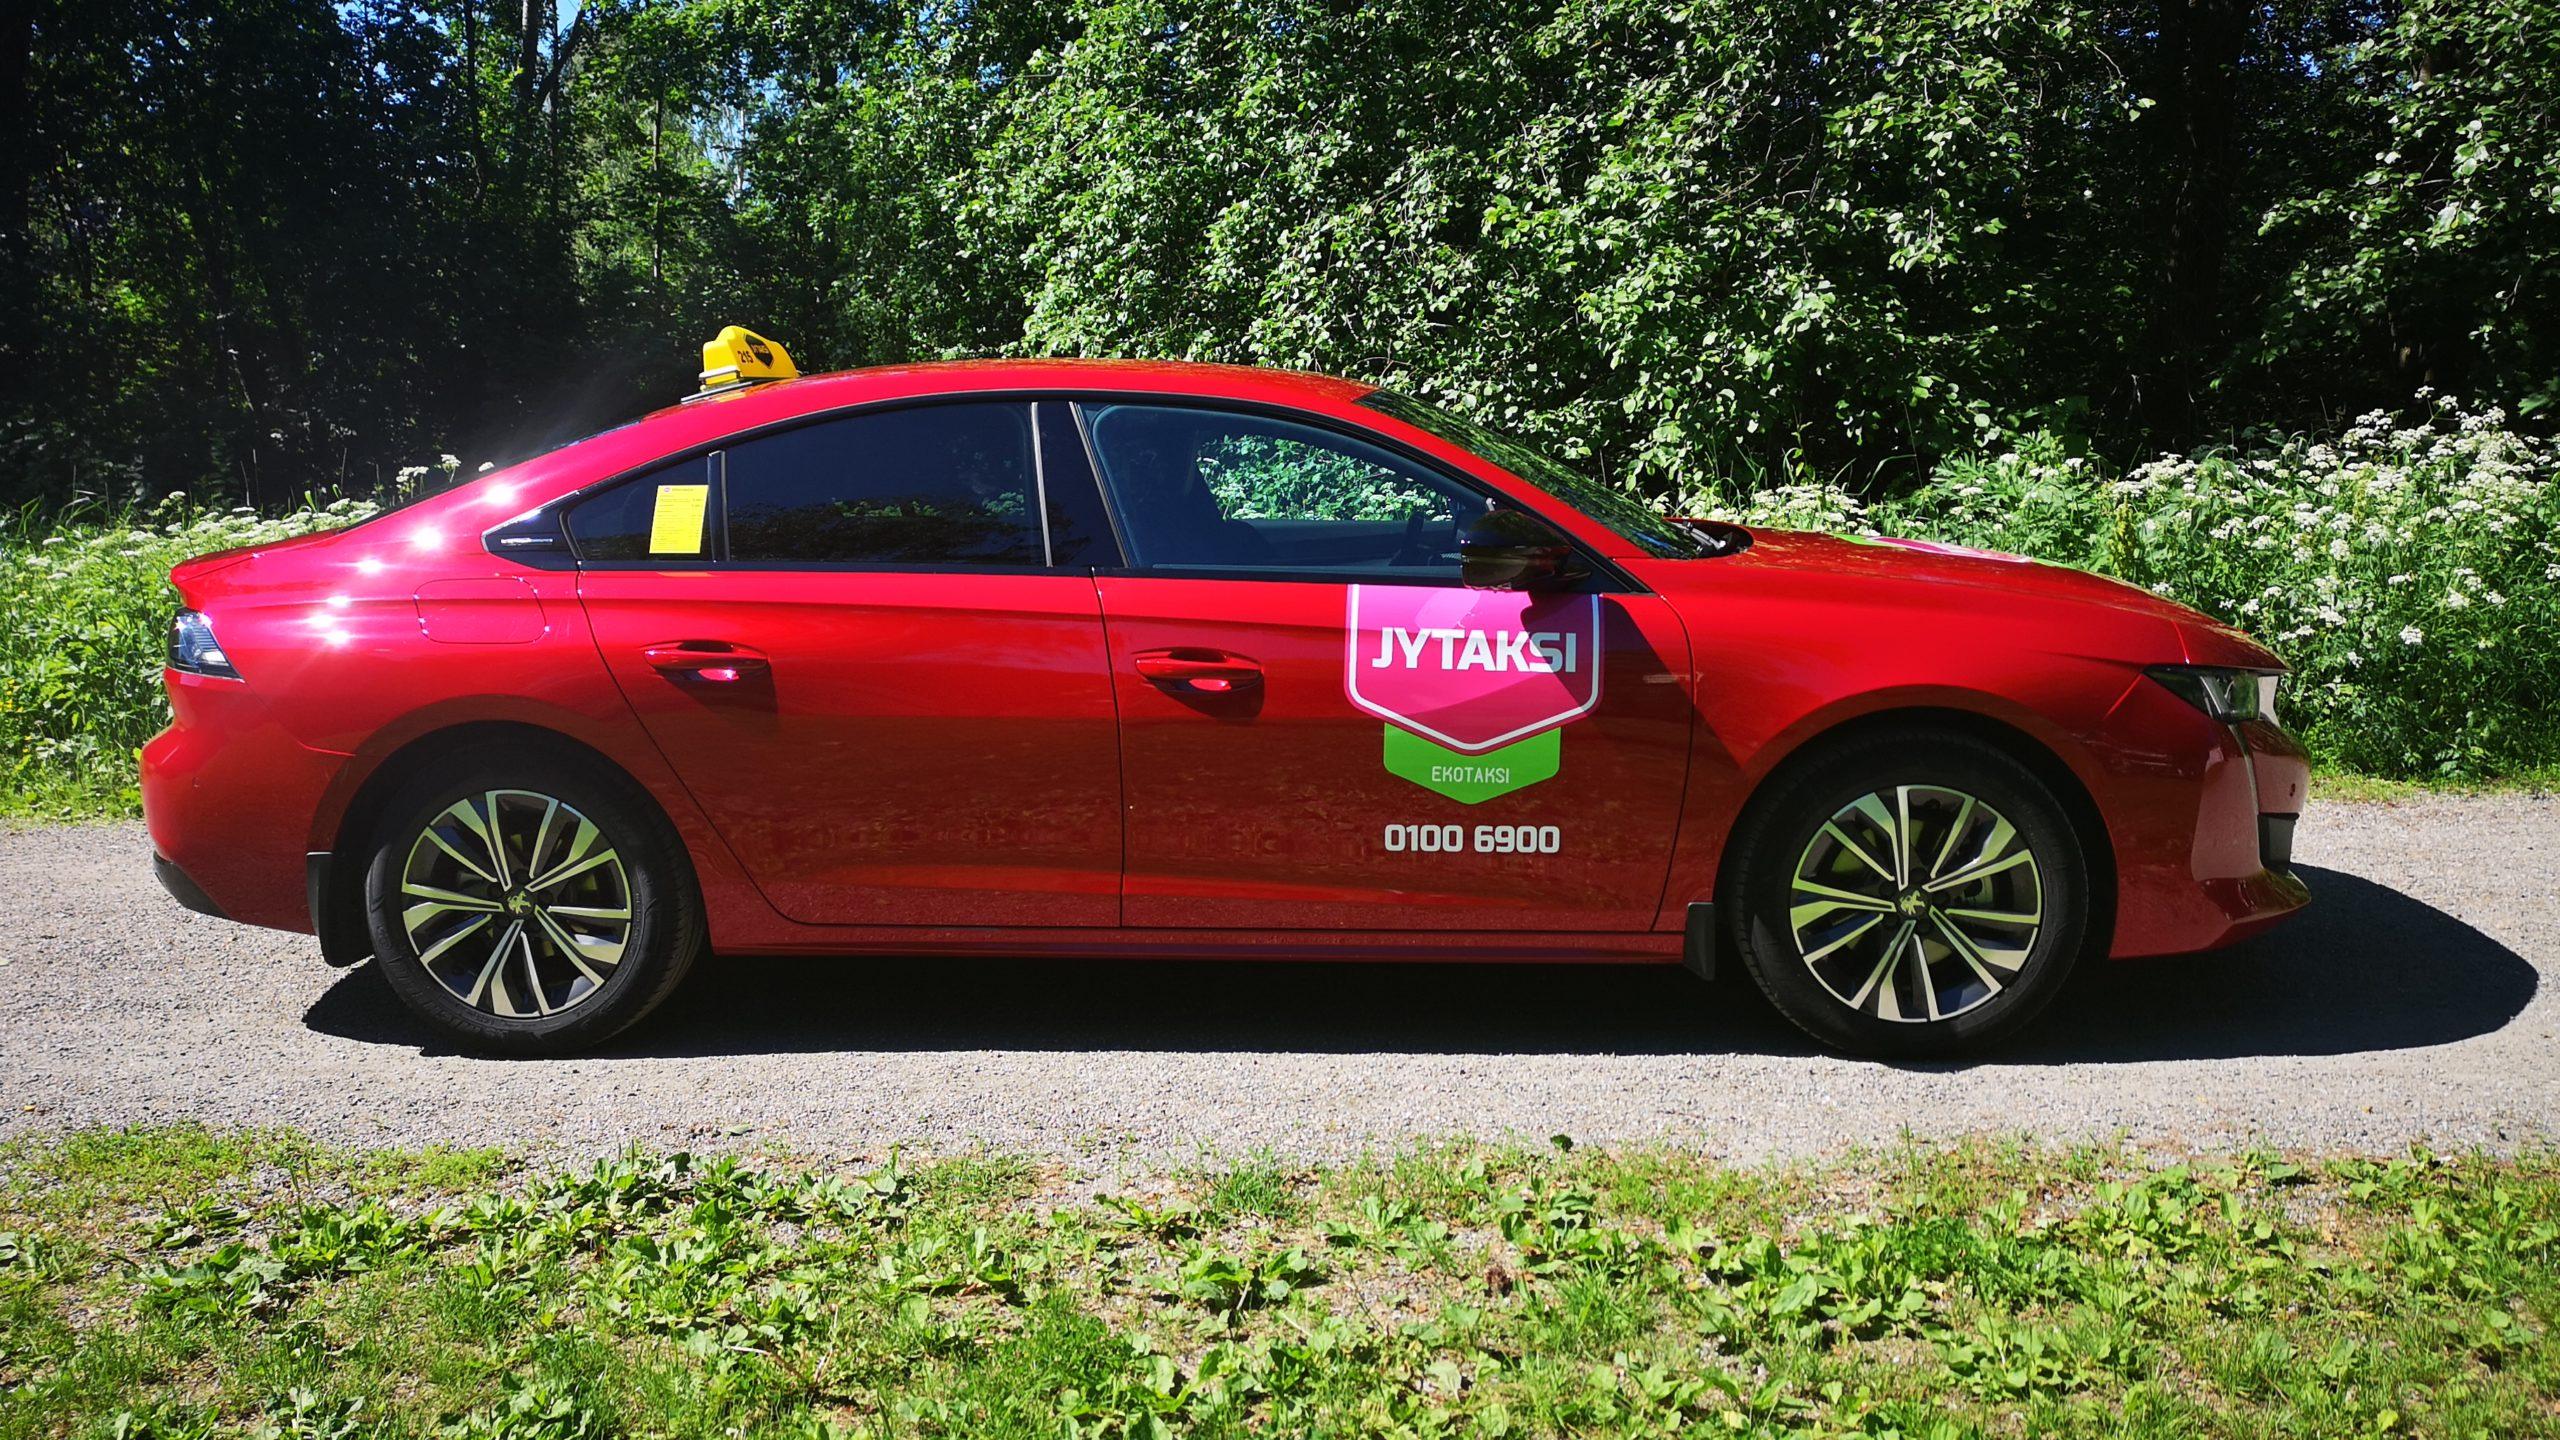 ympäristöystävällinen taksi